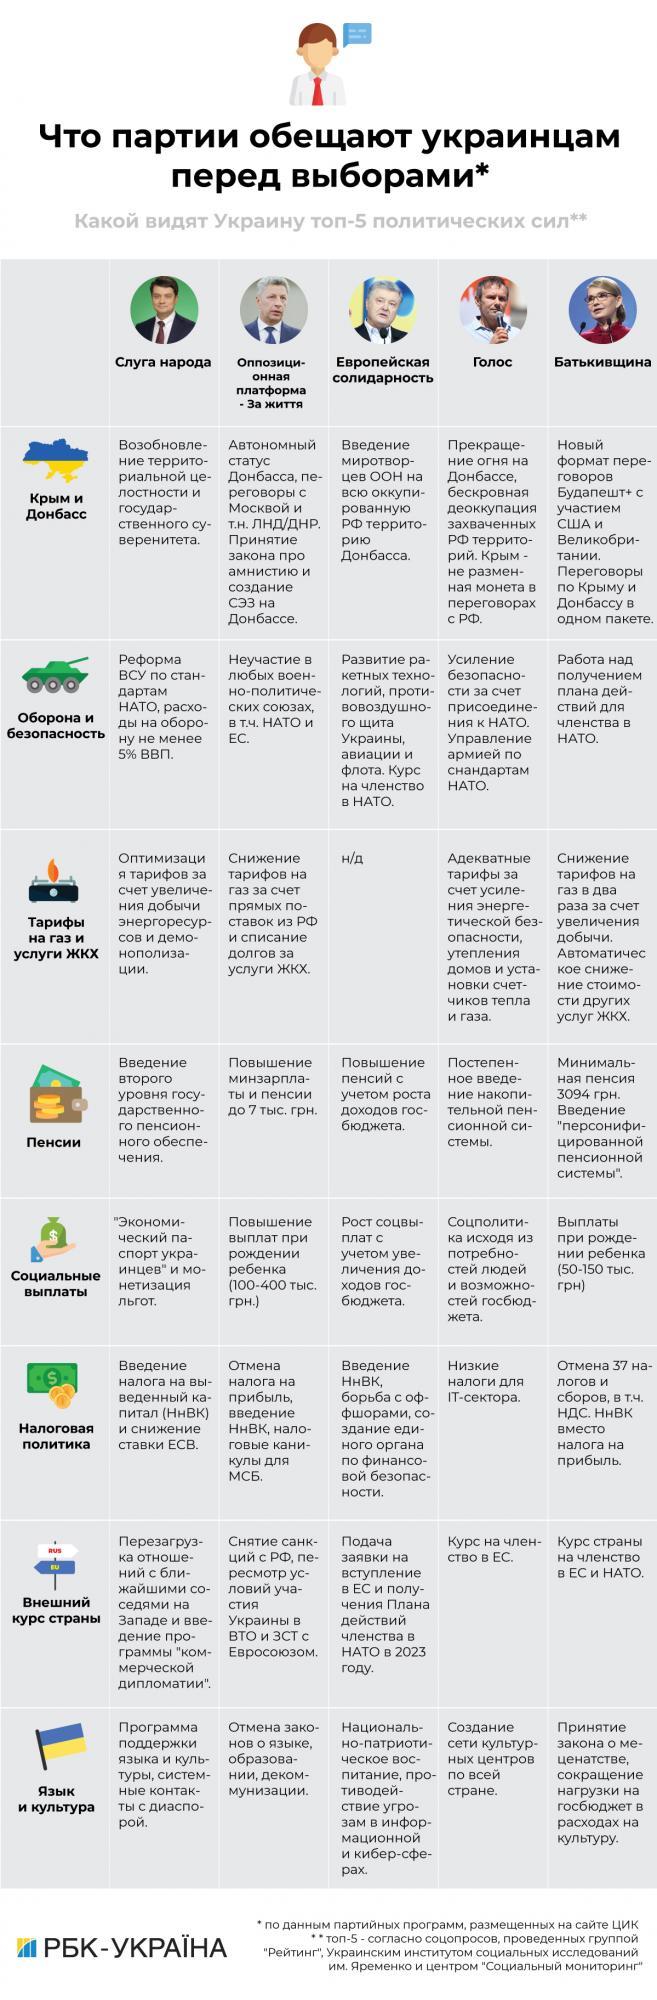 Тарифы, пенсии и Донбасс: что партии пообещали украинцам перед выборами в Раду